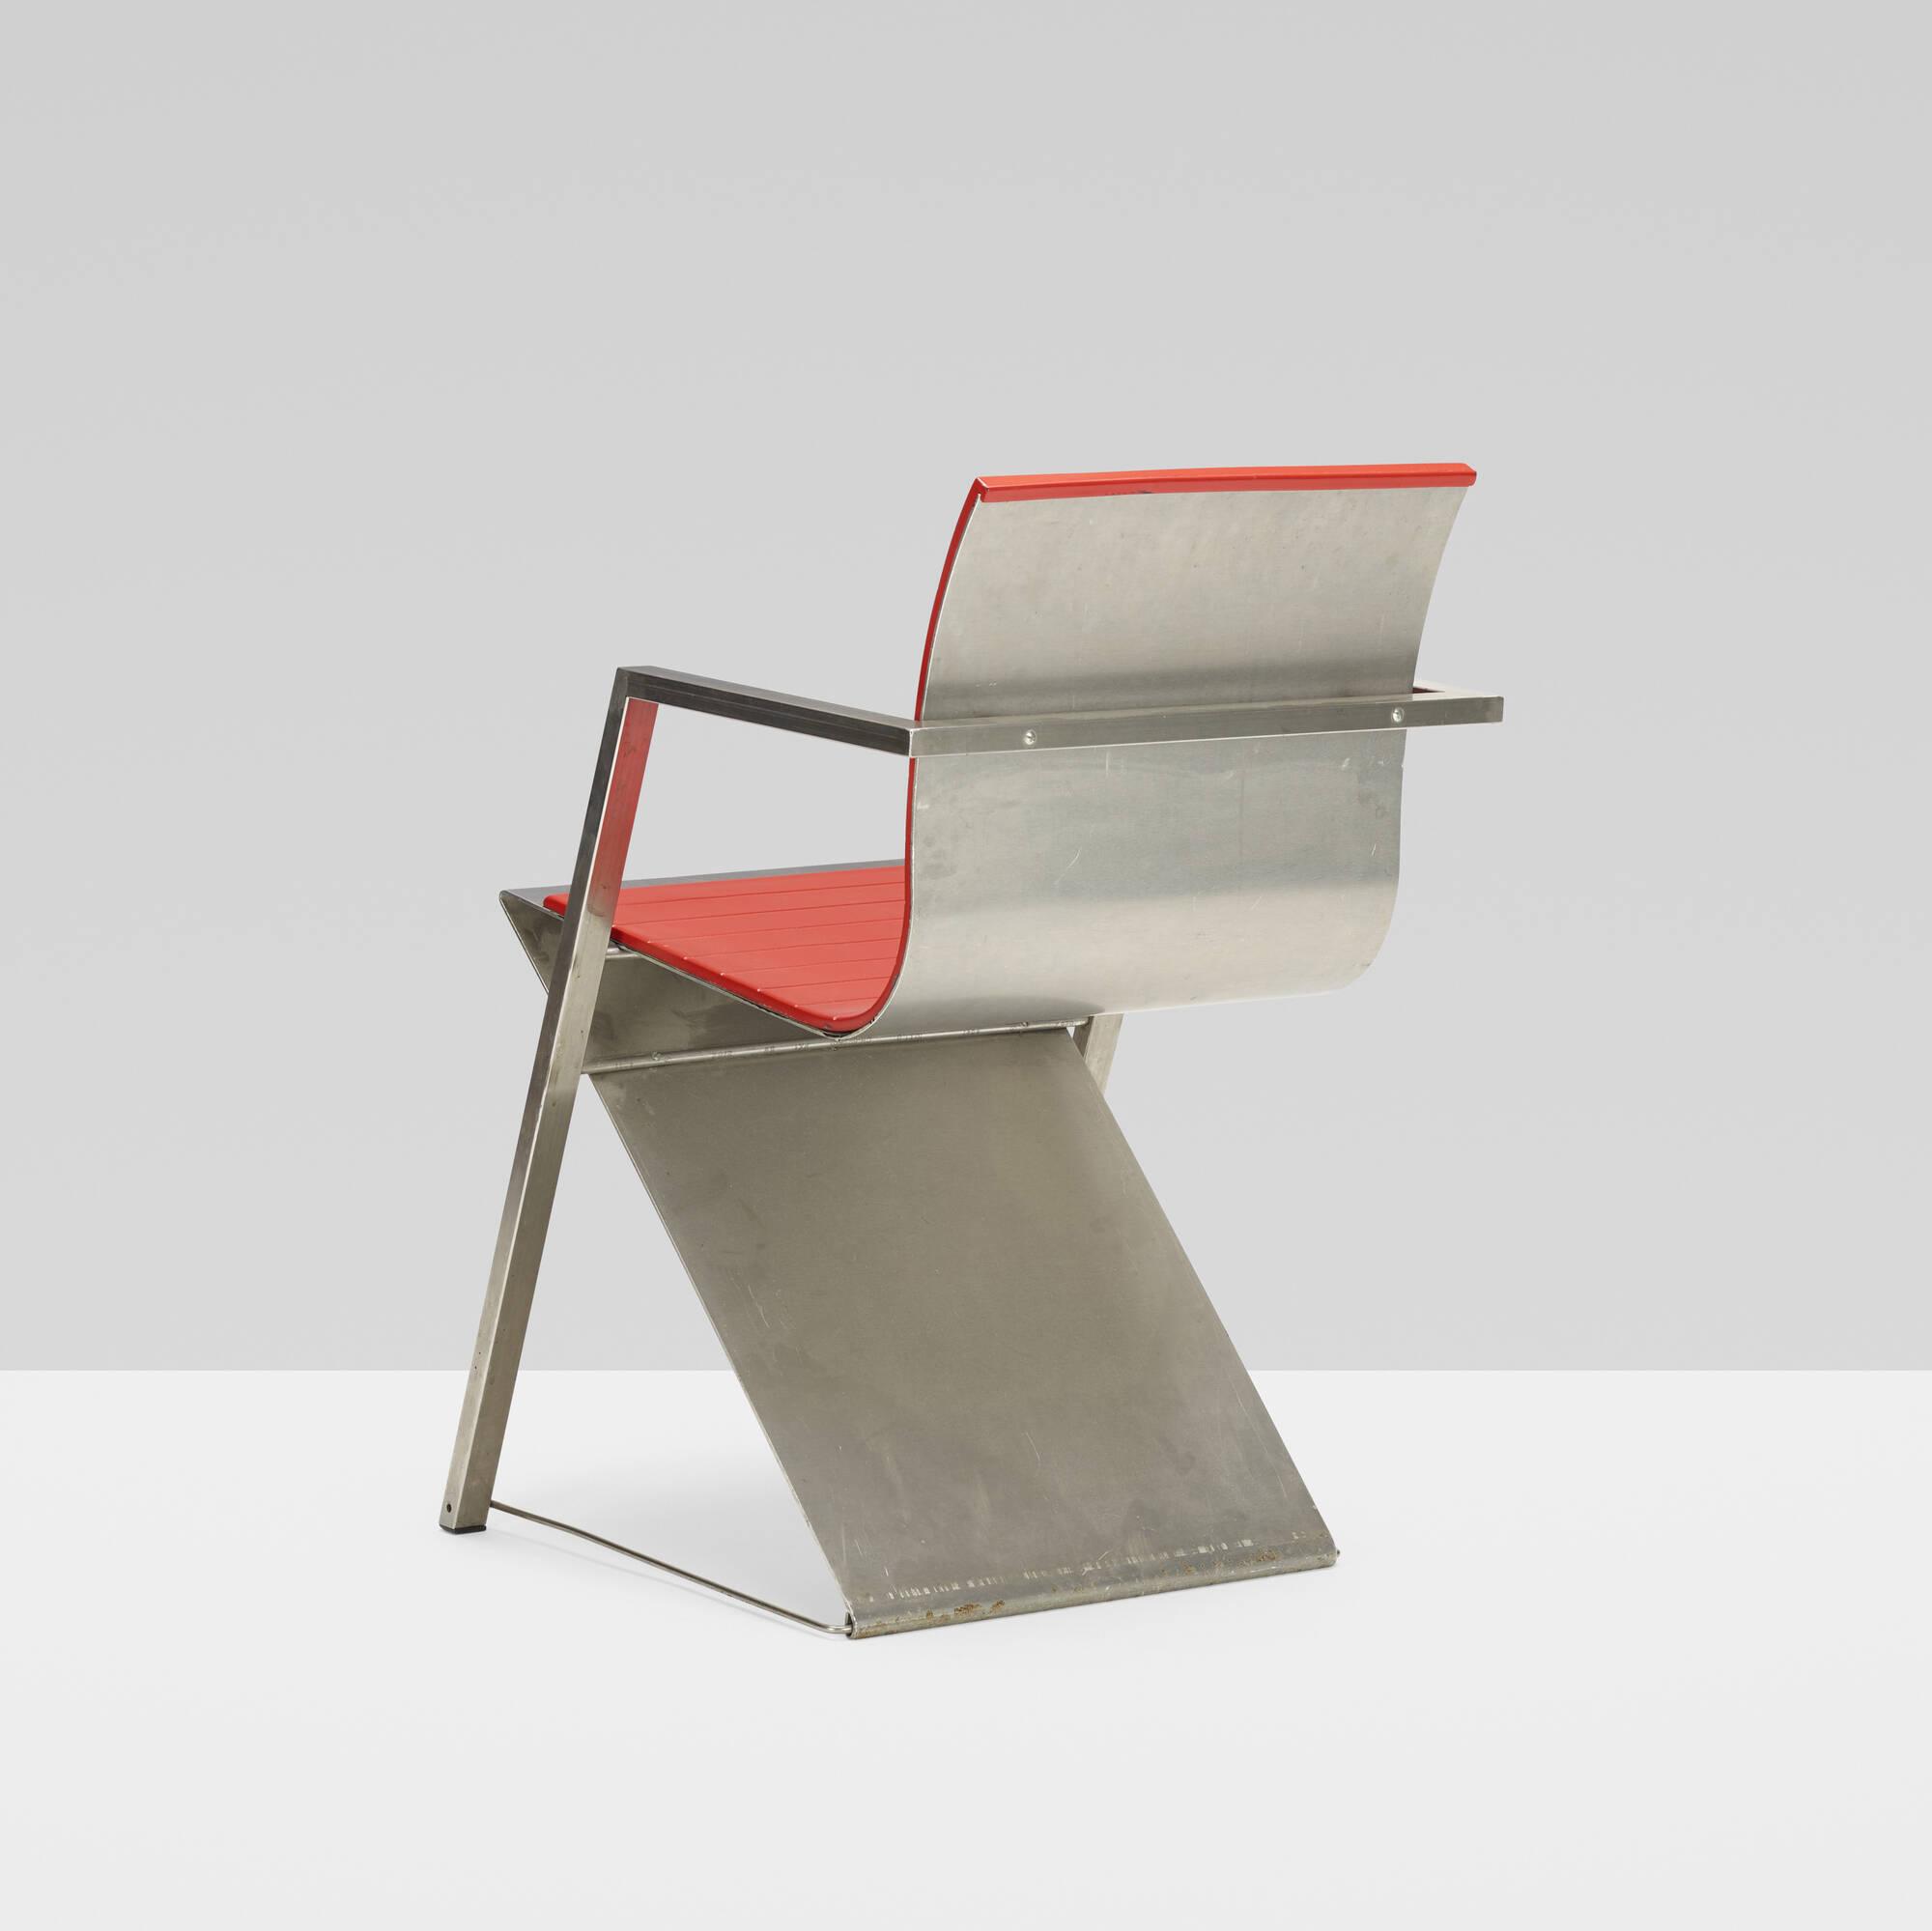 273: Reinhard Muller / d8 armchair (3 of 6)